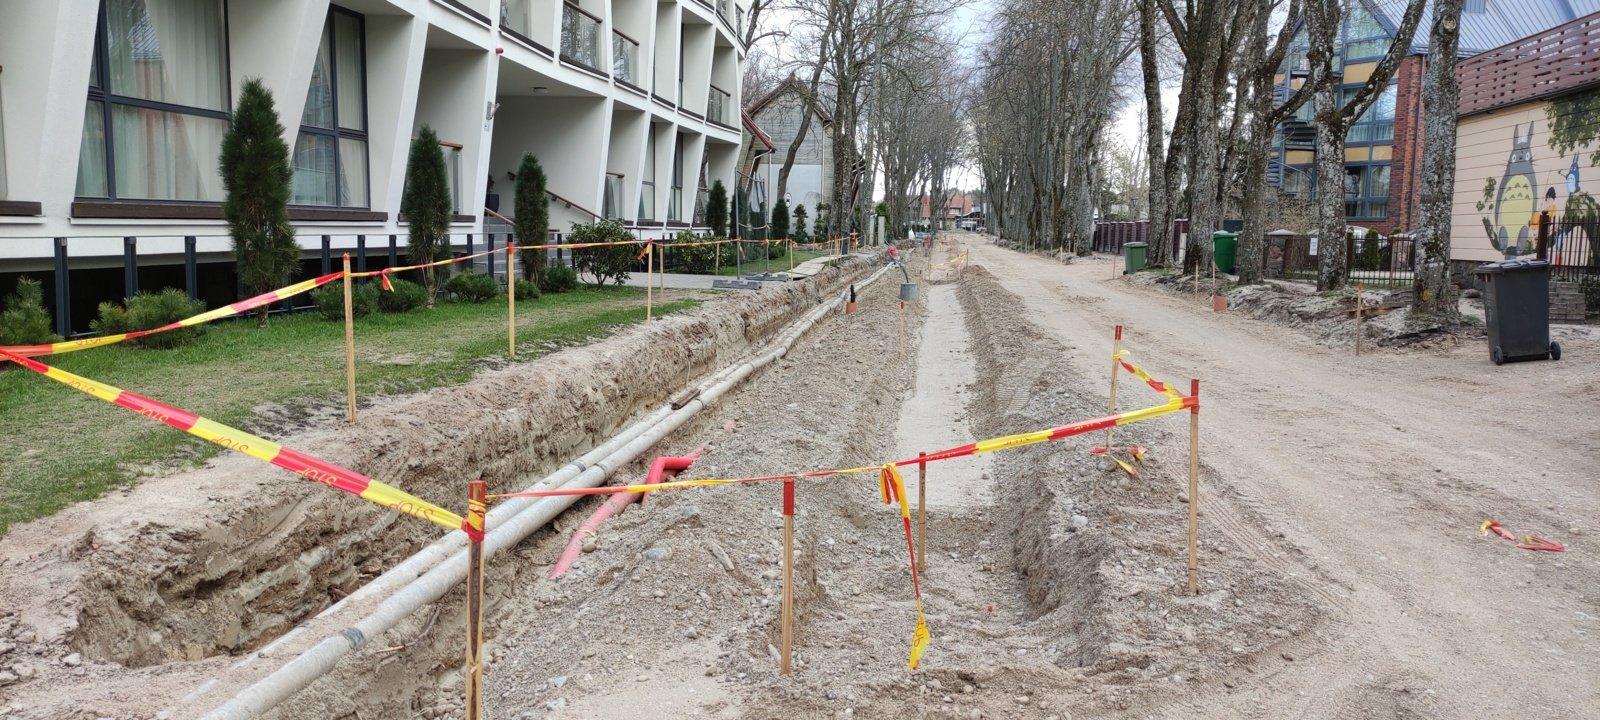 Besitęsiantis J.Simpsono gatvės remontas kelia nerimą verslininkams: ar iki aktyviojo sezono pradžios bus baigti remonto darbai?